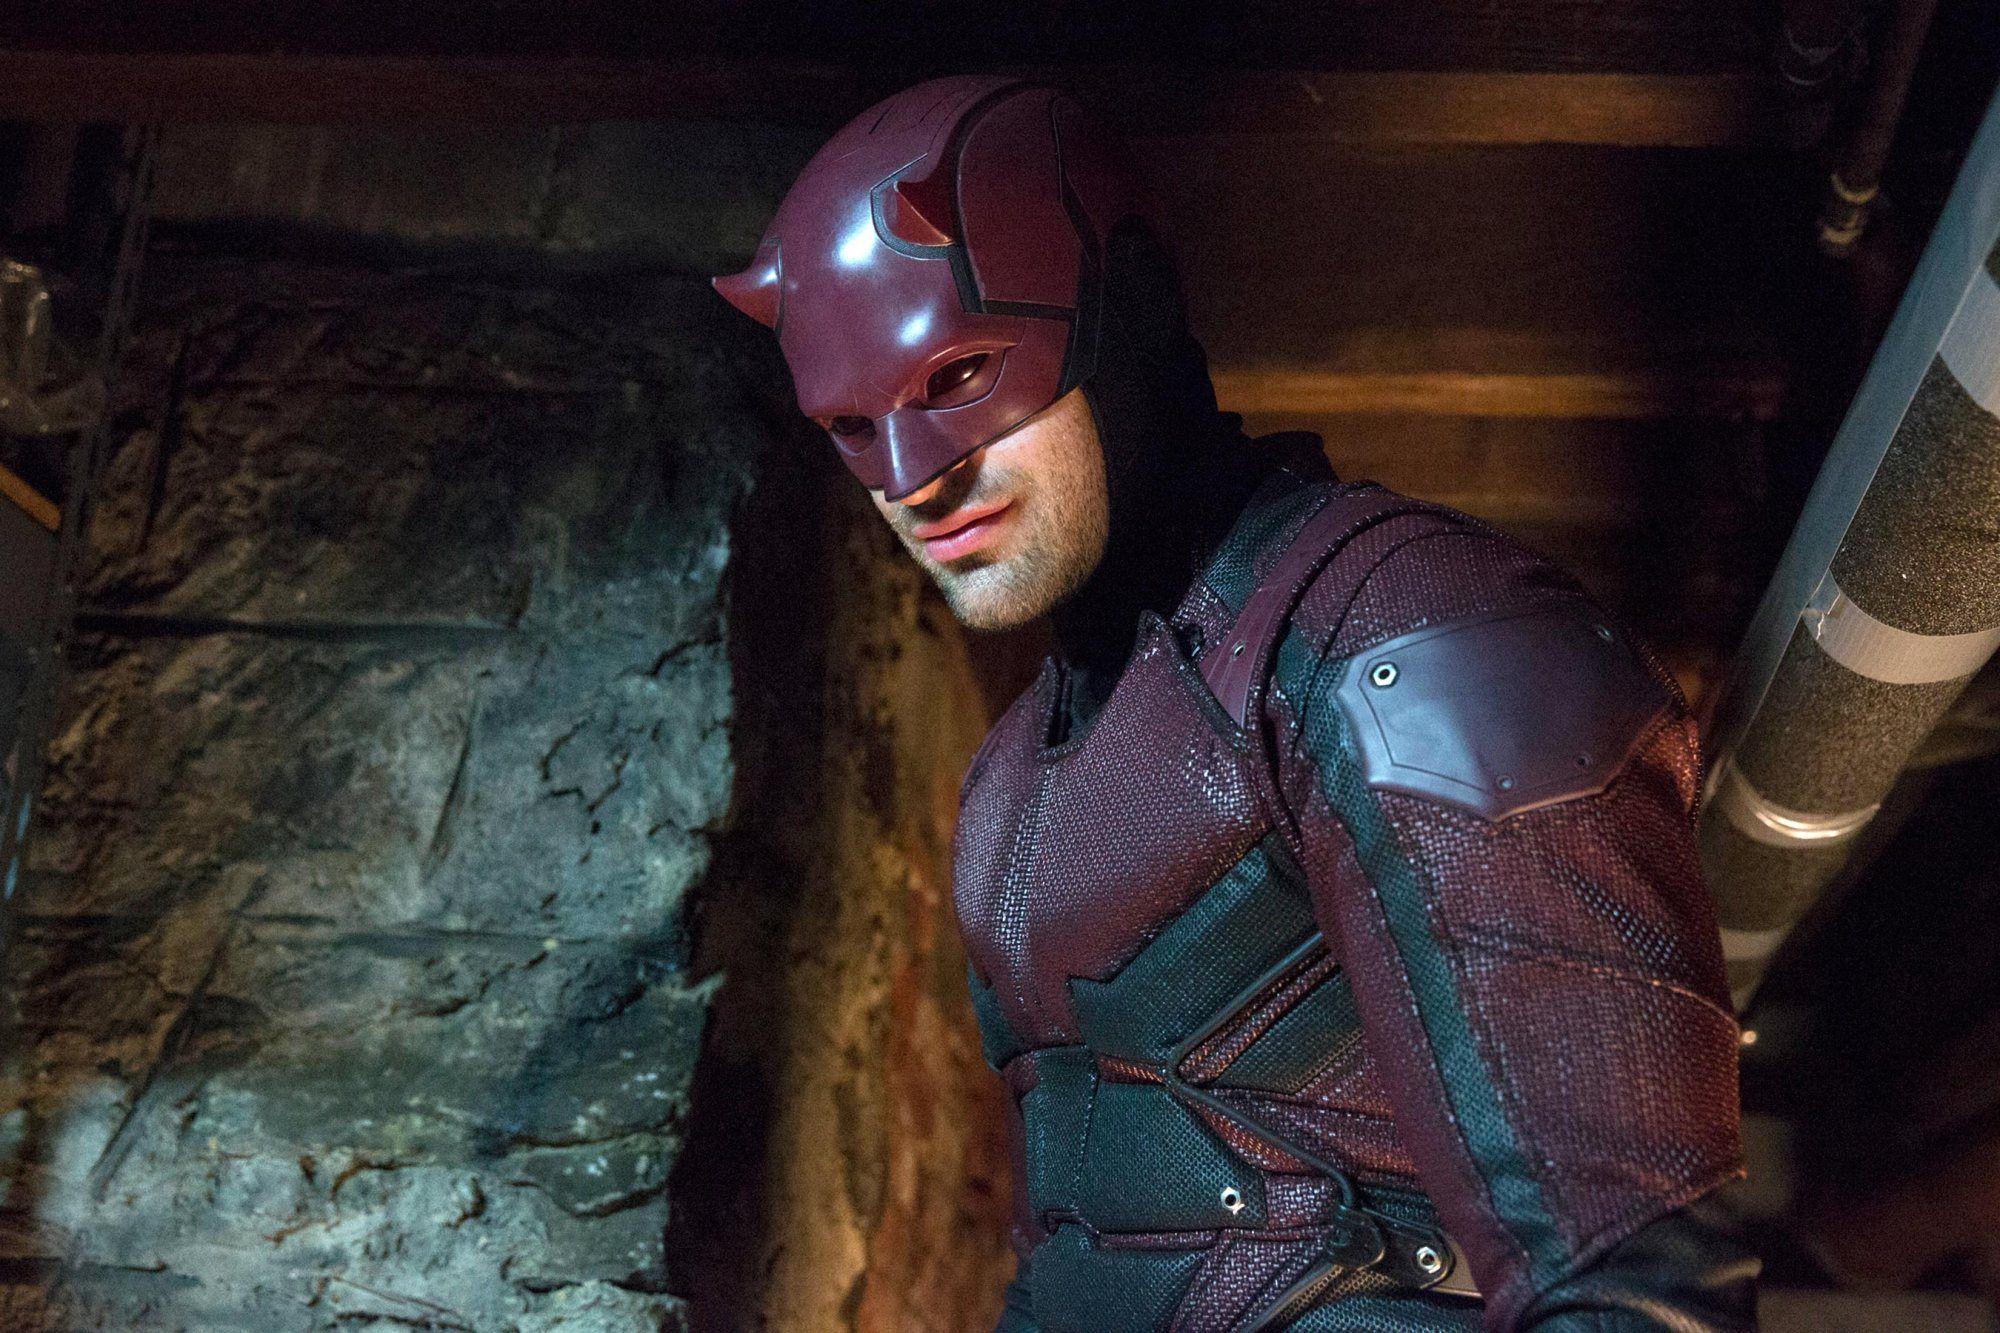 La Marvel su Daredevil: promesse 'avventure future', ma il cinema è 'improbabile'